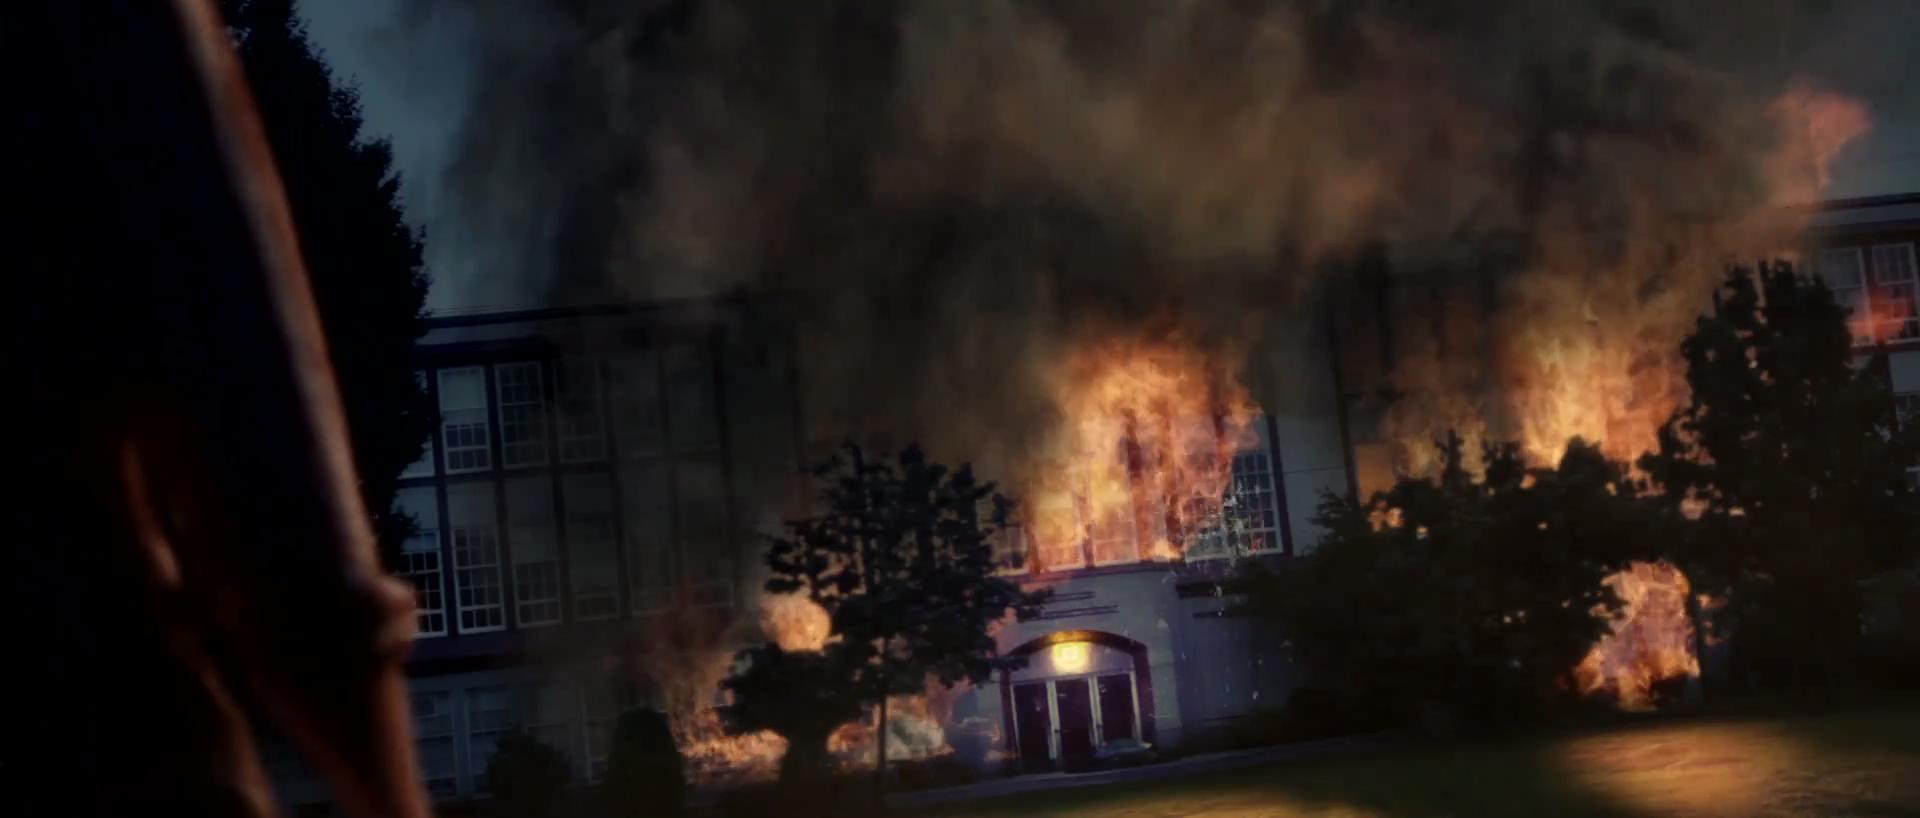 rfmt-145-school-fire